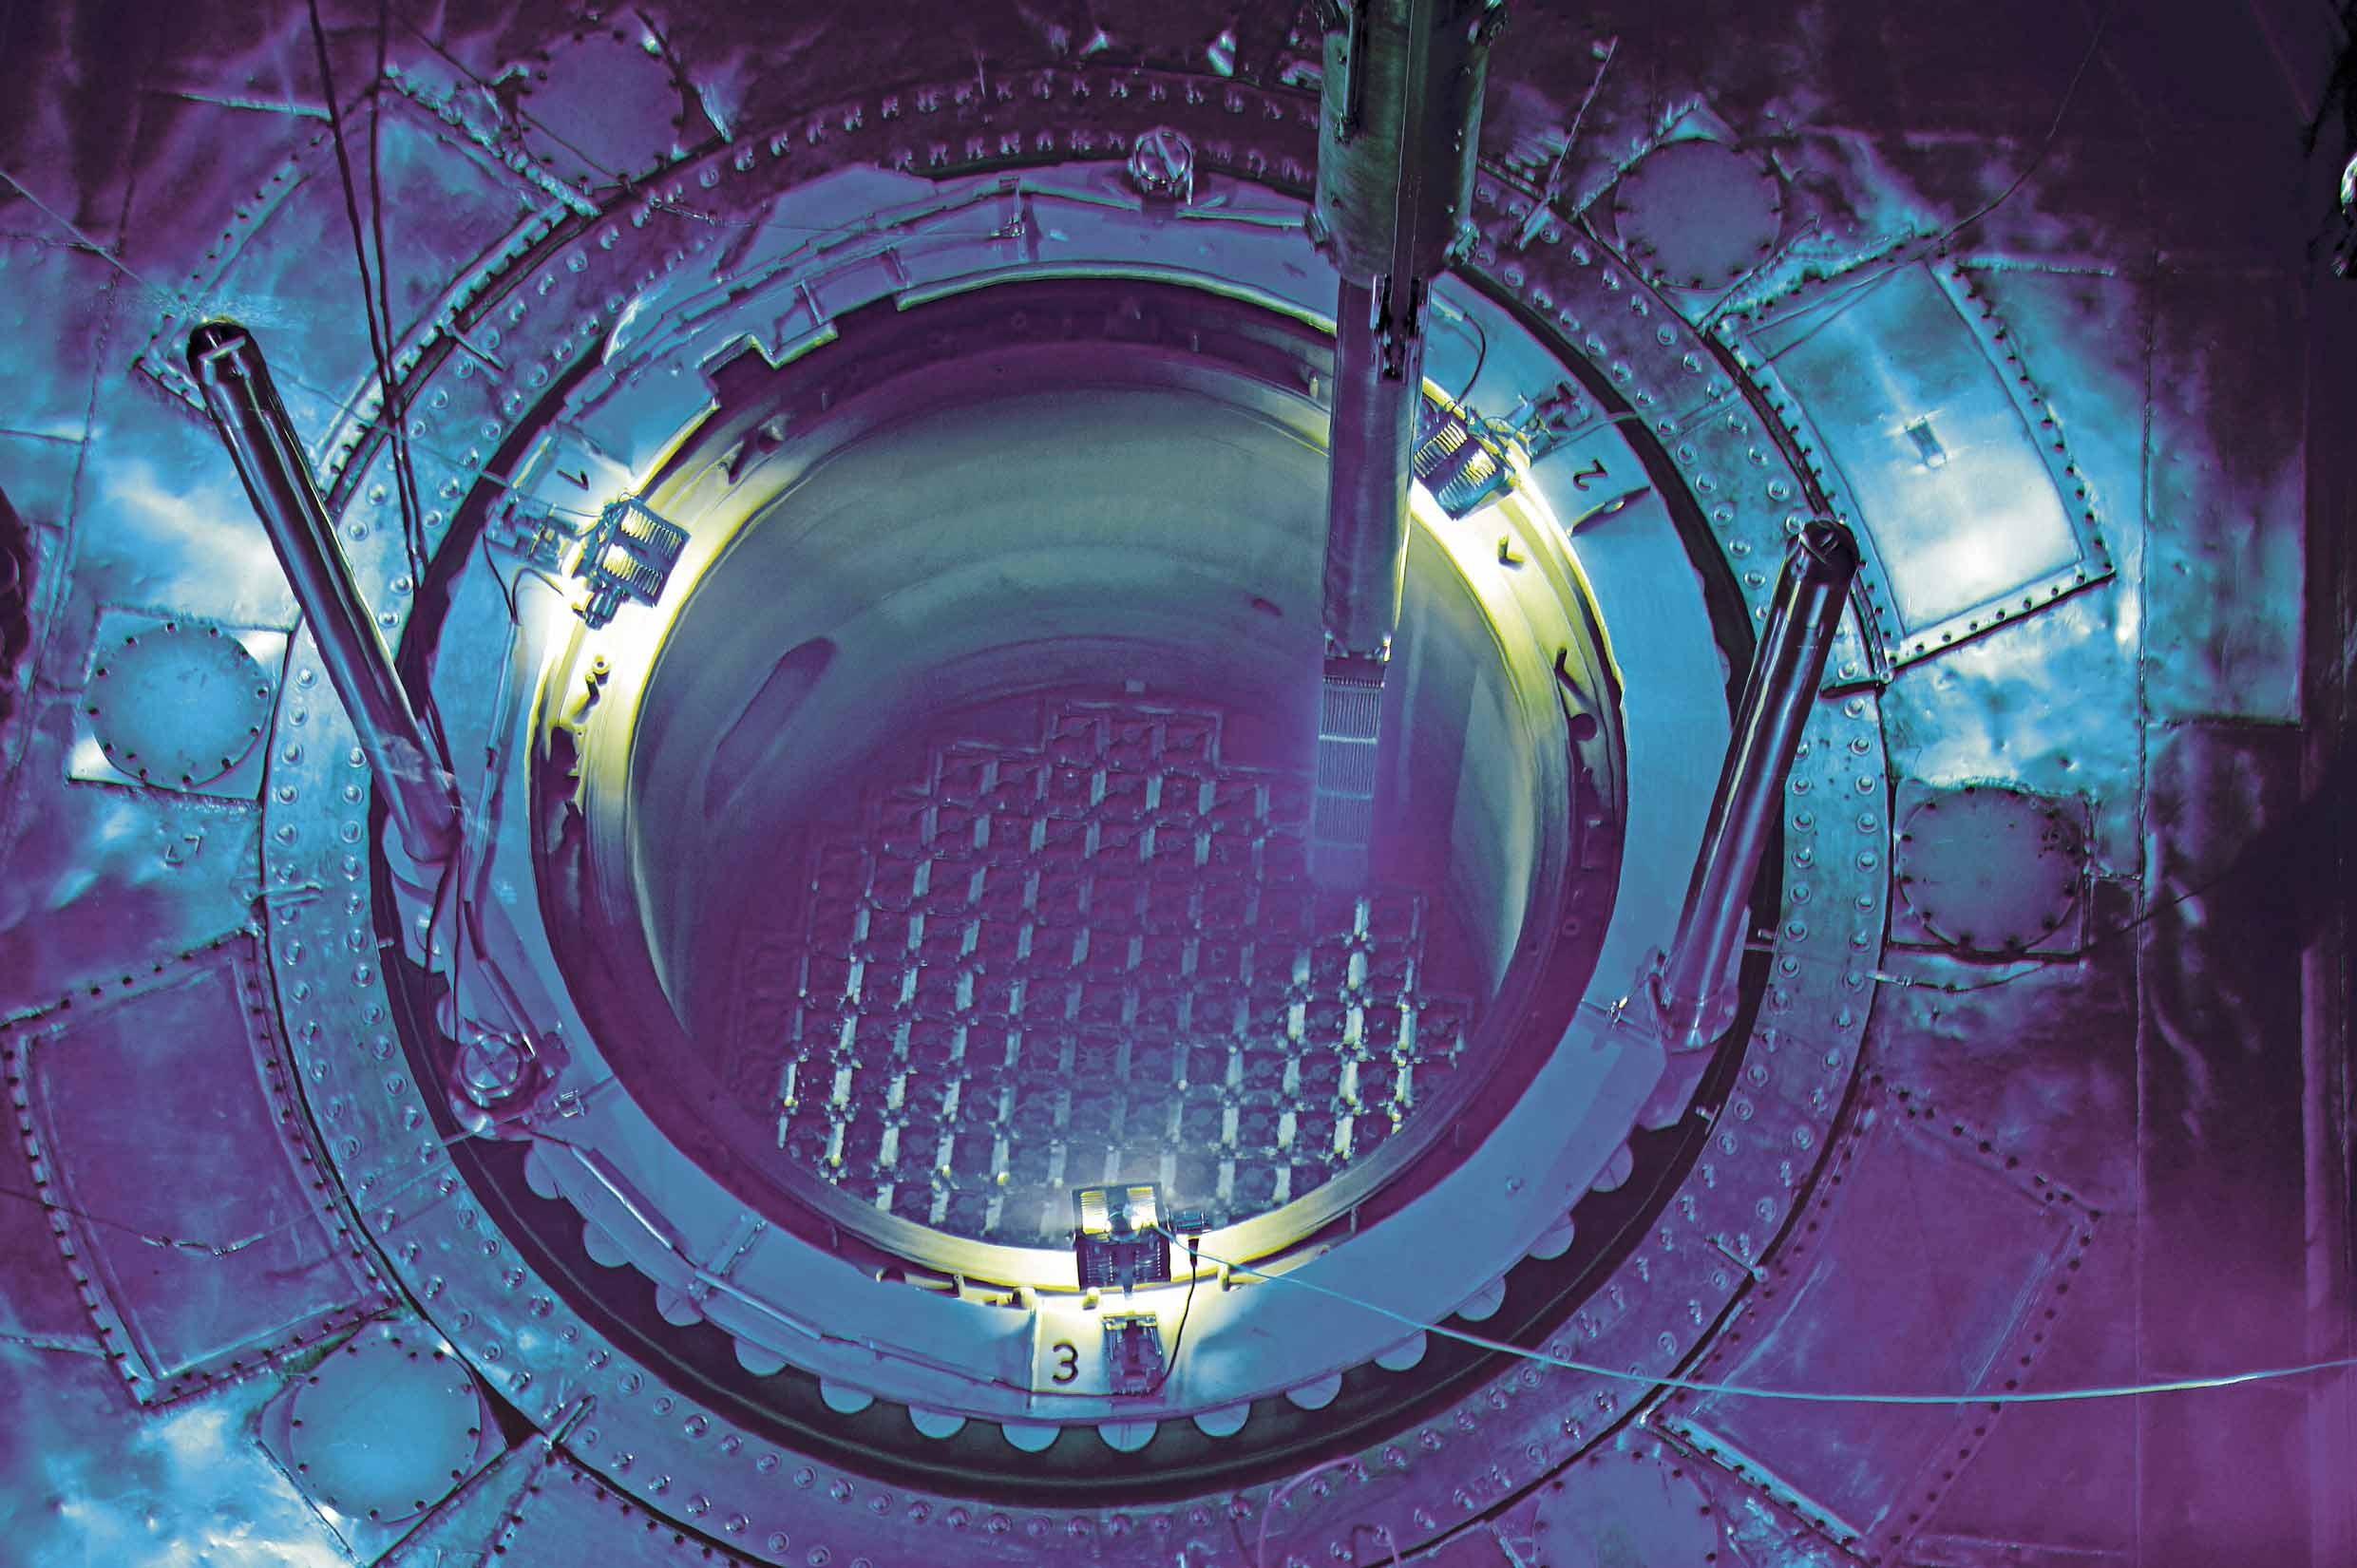 Reaktorkern im Kernkraftwerk Beznau